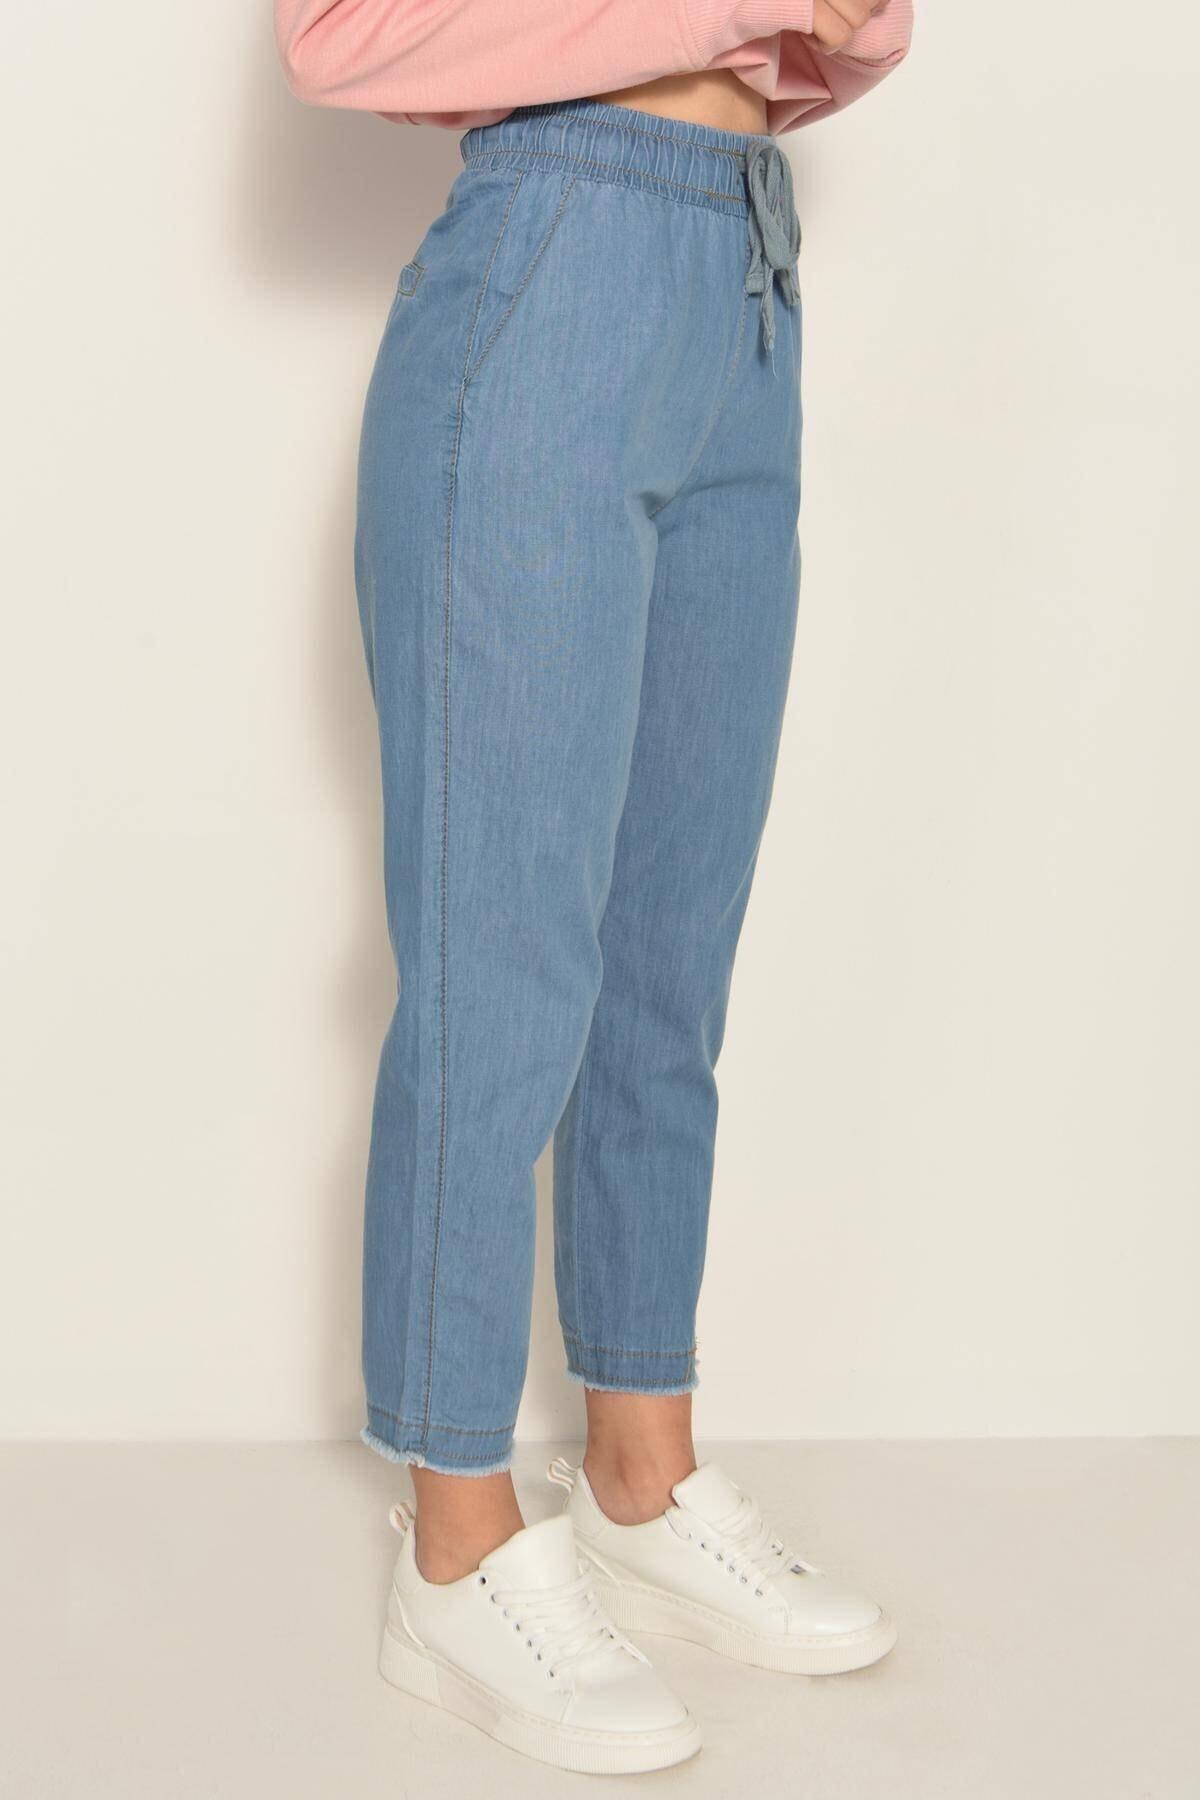 Addax Kadın Kot Rengi Önden Bağlamalı Pantolon PN4317 - PNE ADX-0000022956 2